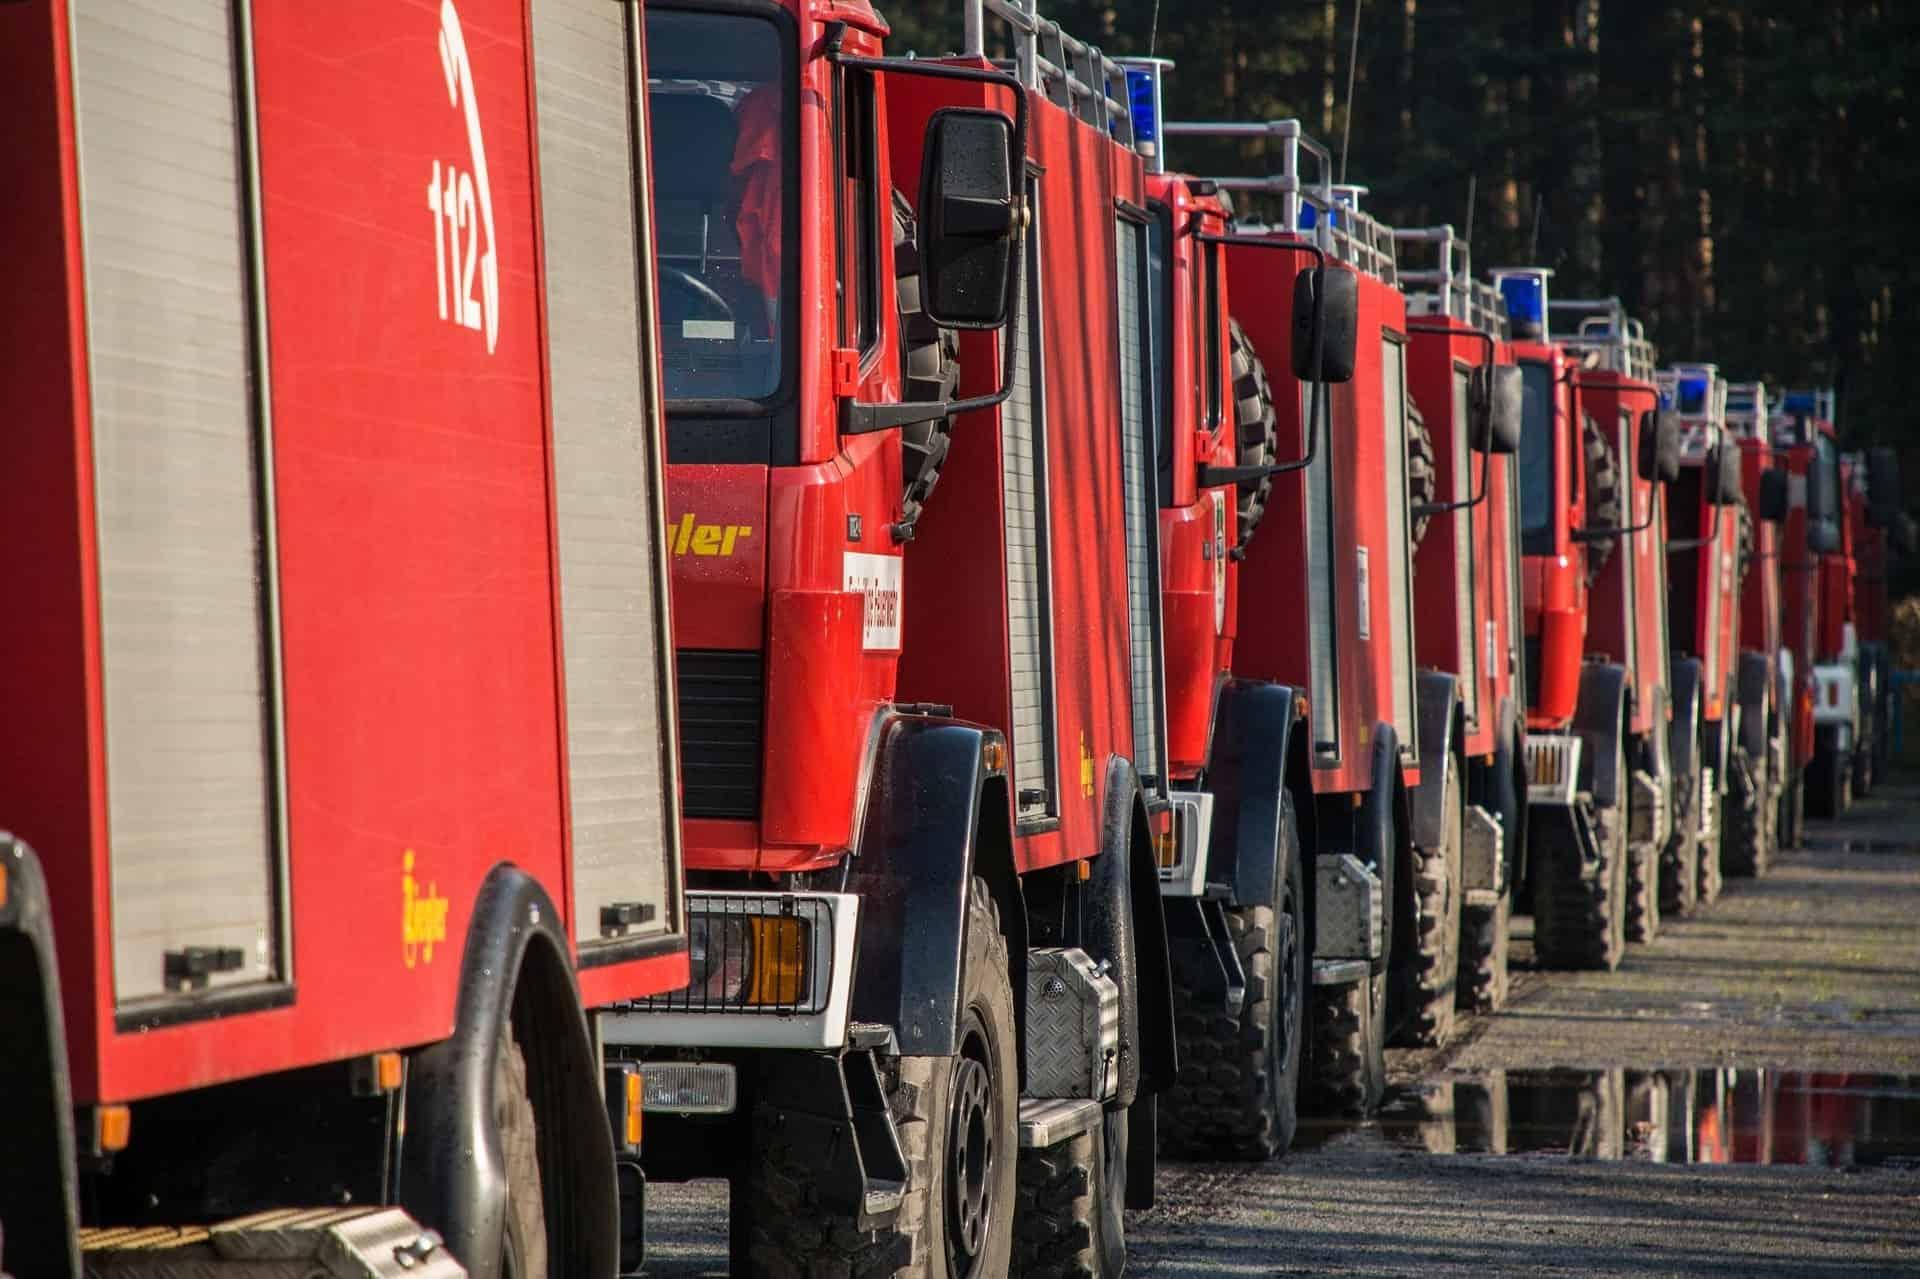 É possível aproveitar a greve dos caminhoneiros para vender mais?